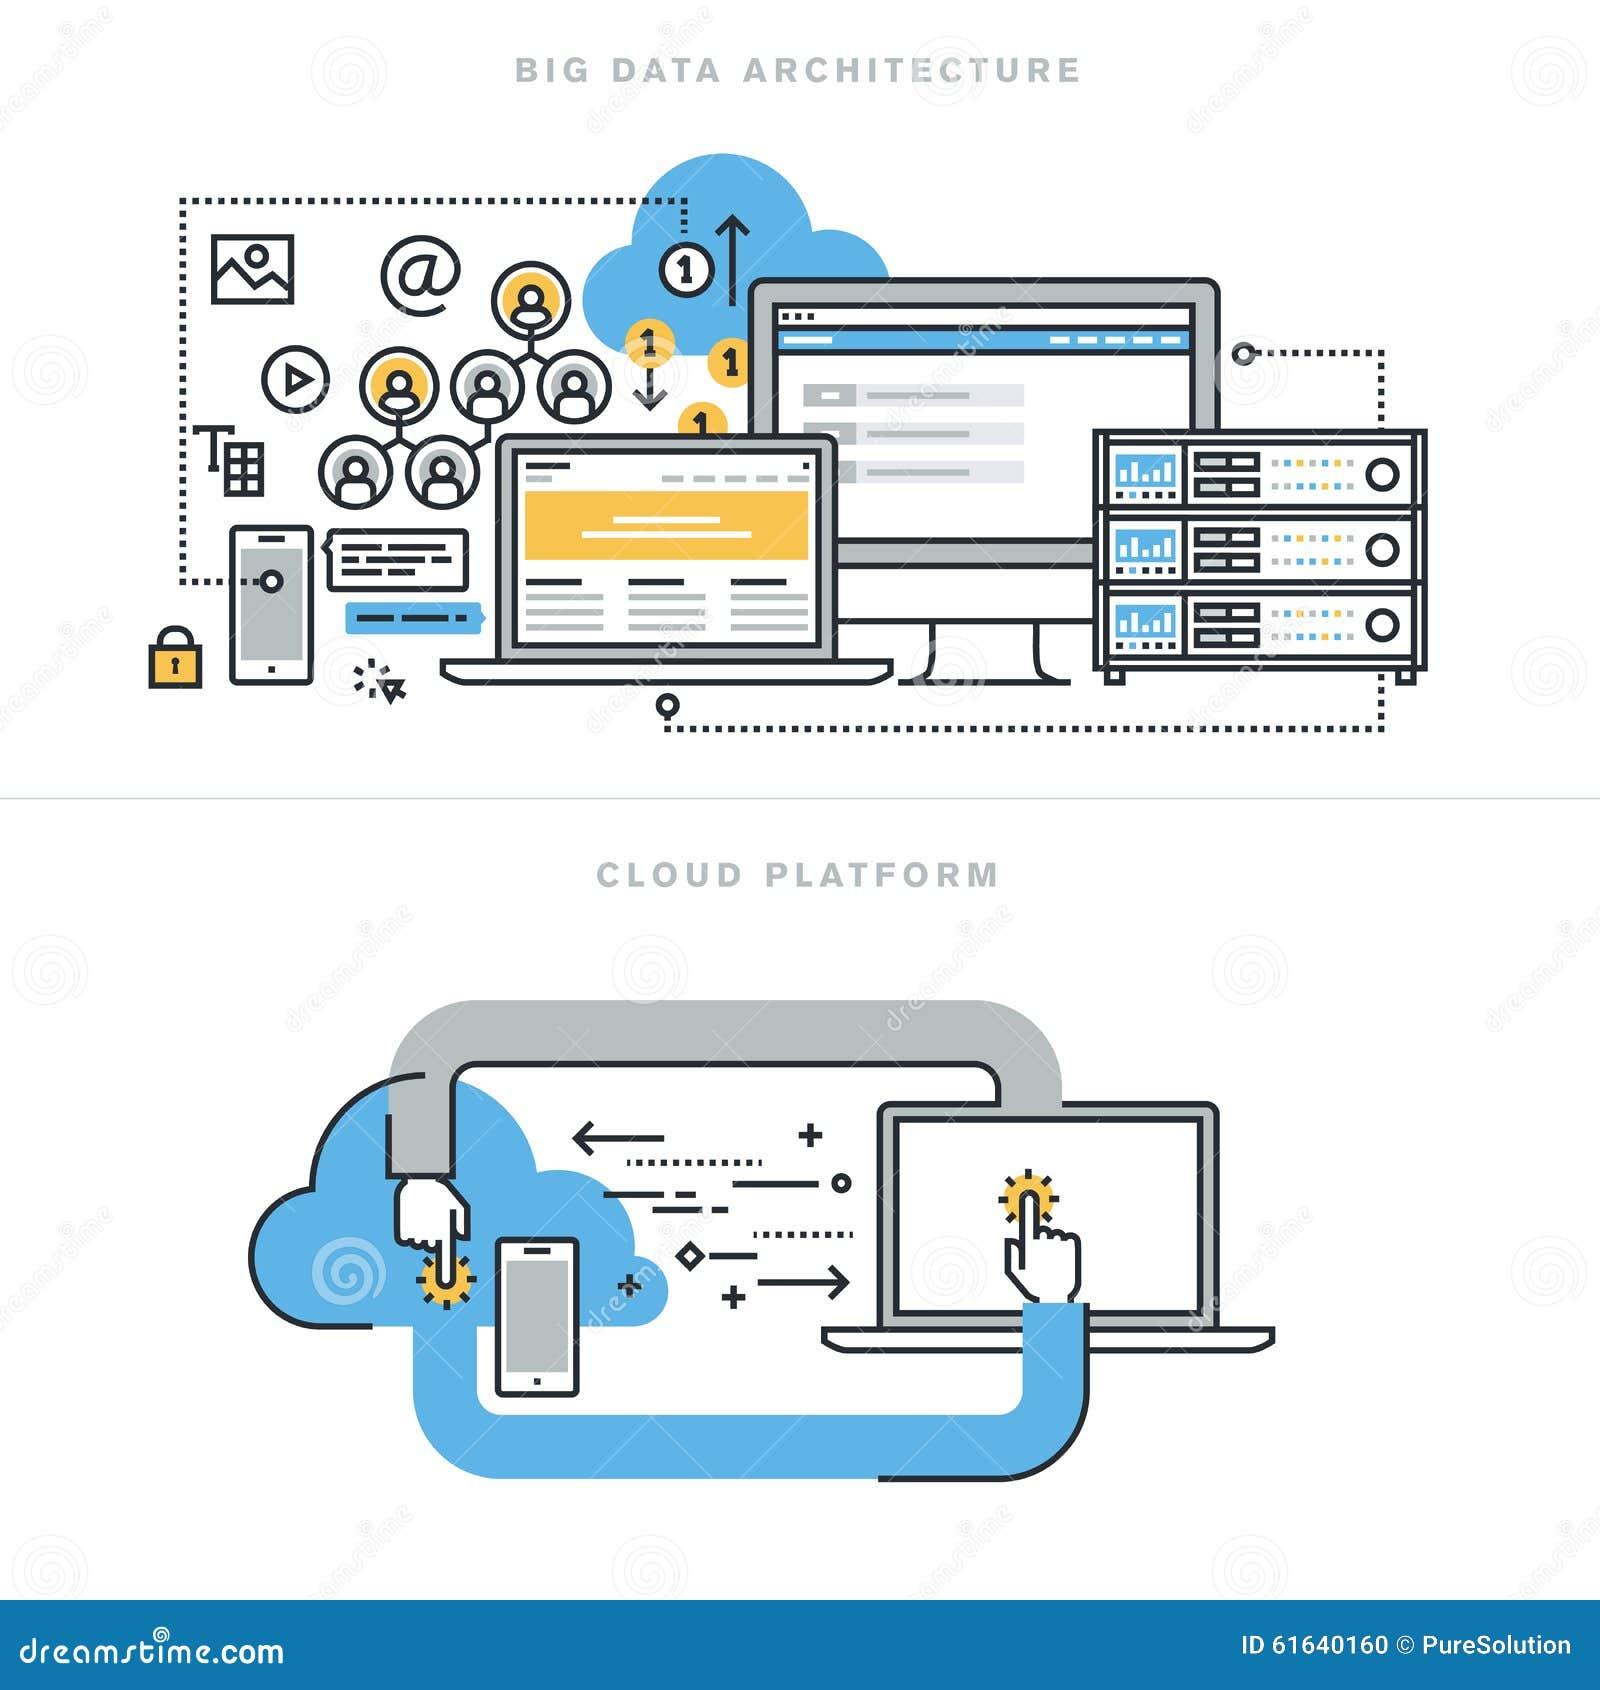 Плоская линия идеи проекта для больших архитектуры данных и вычислять облака